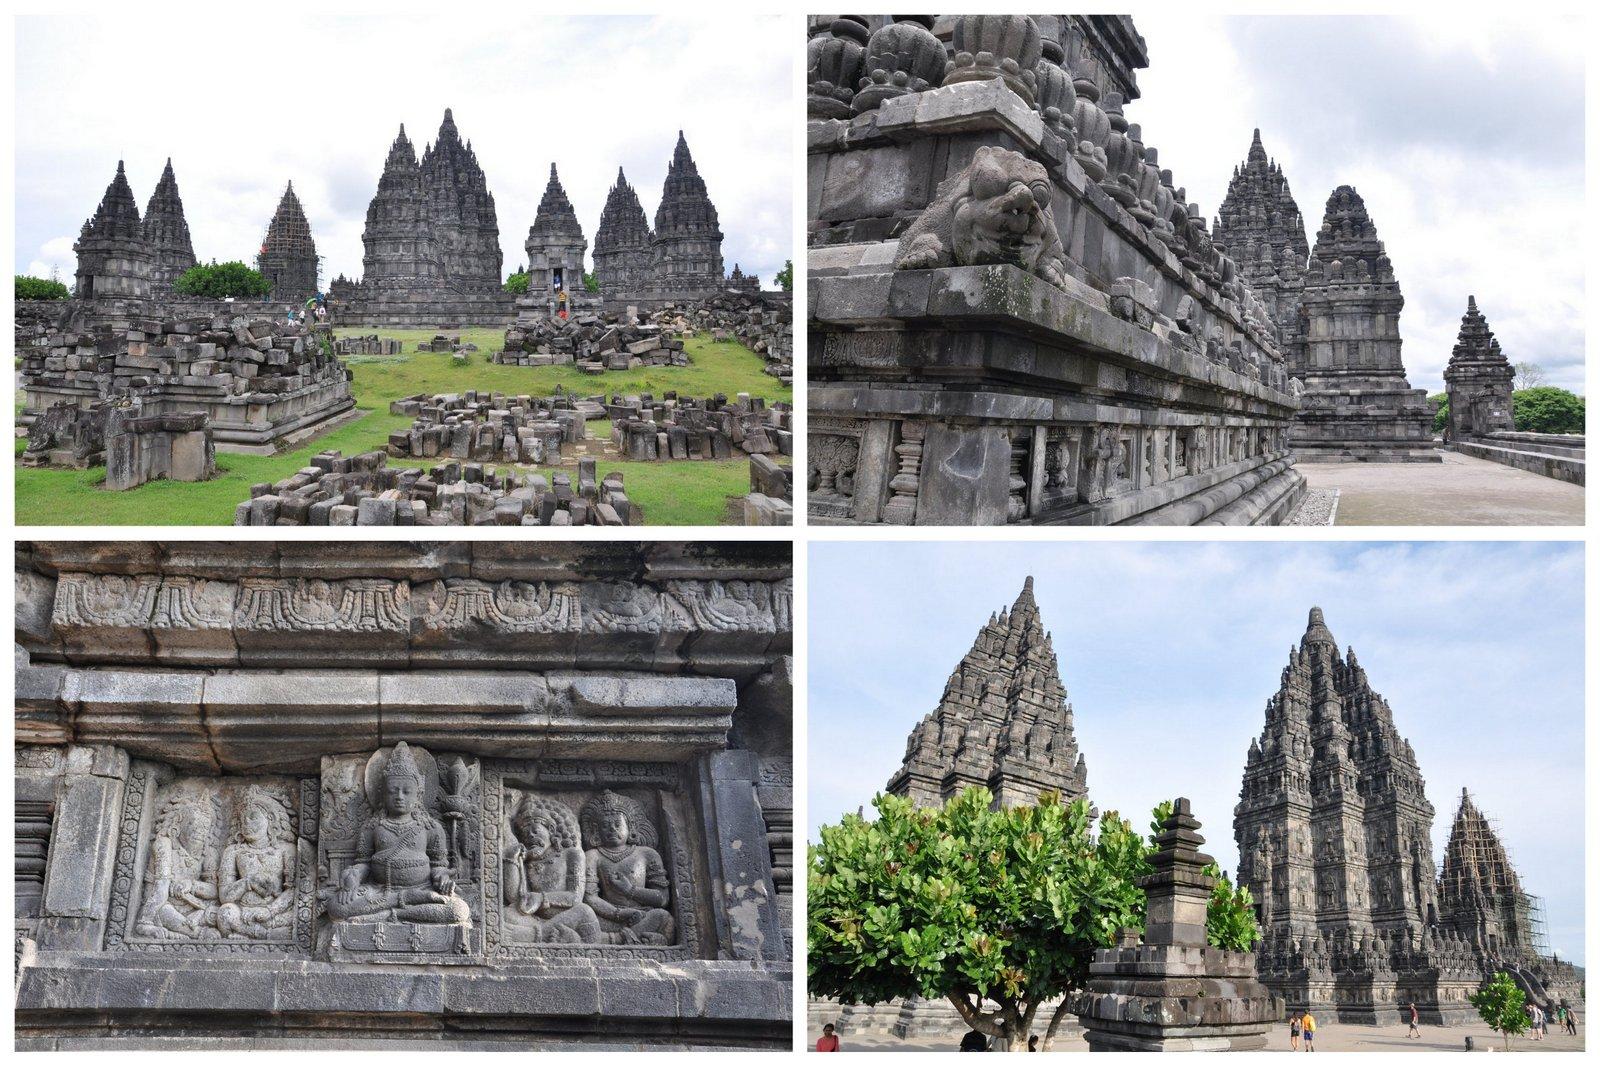 templo-prambanan-jogjakarta